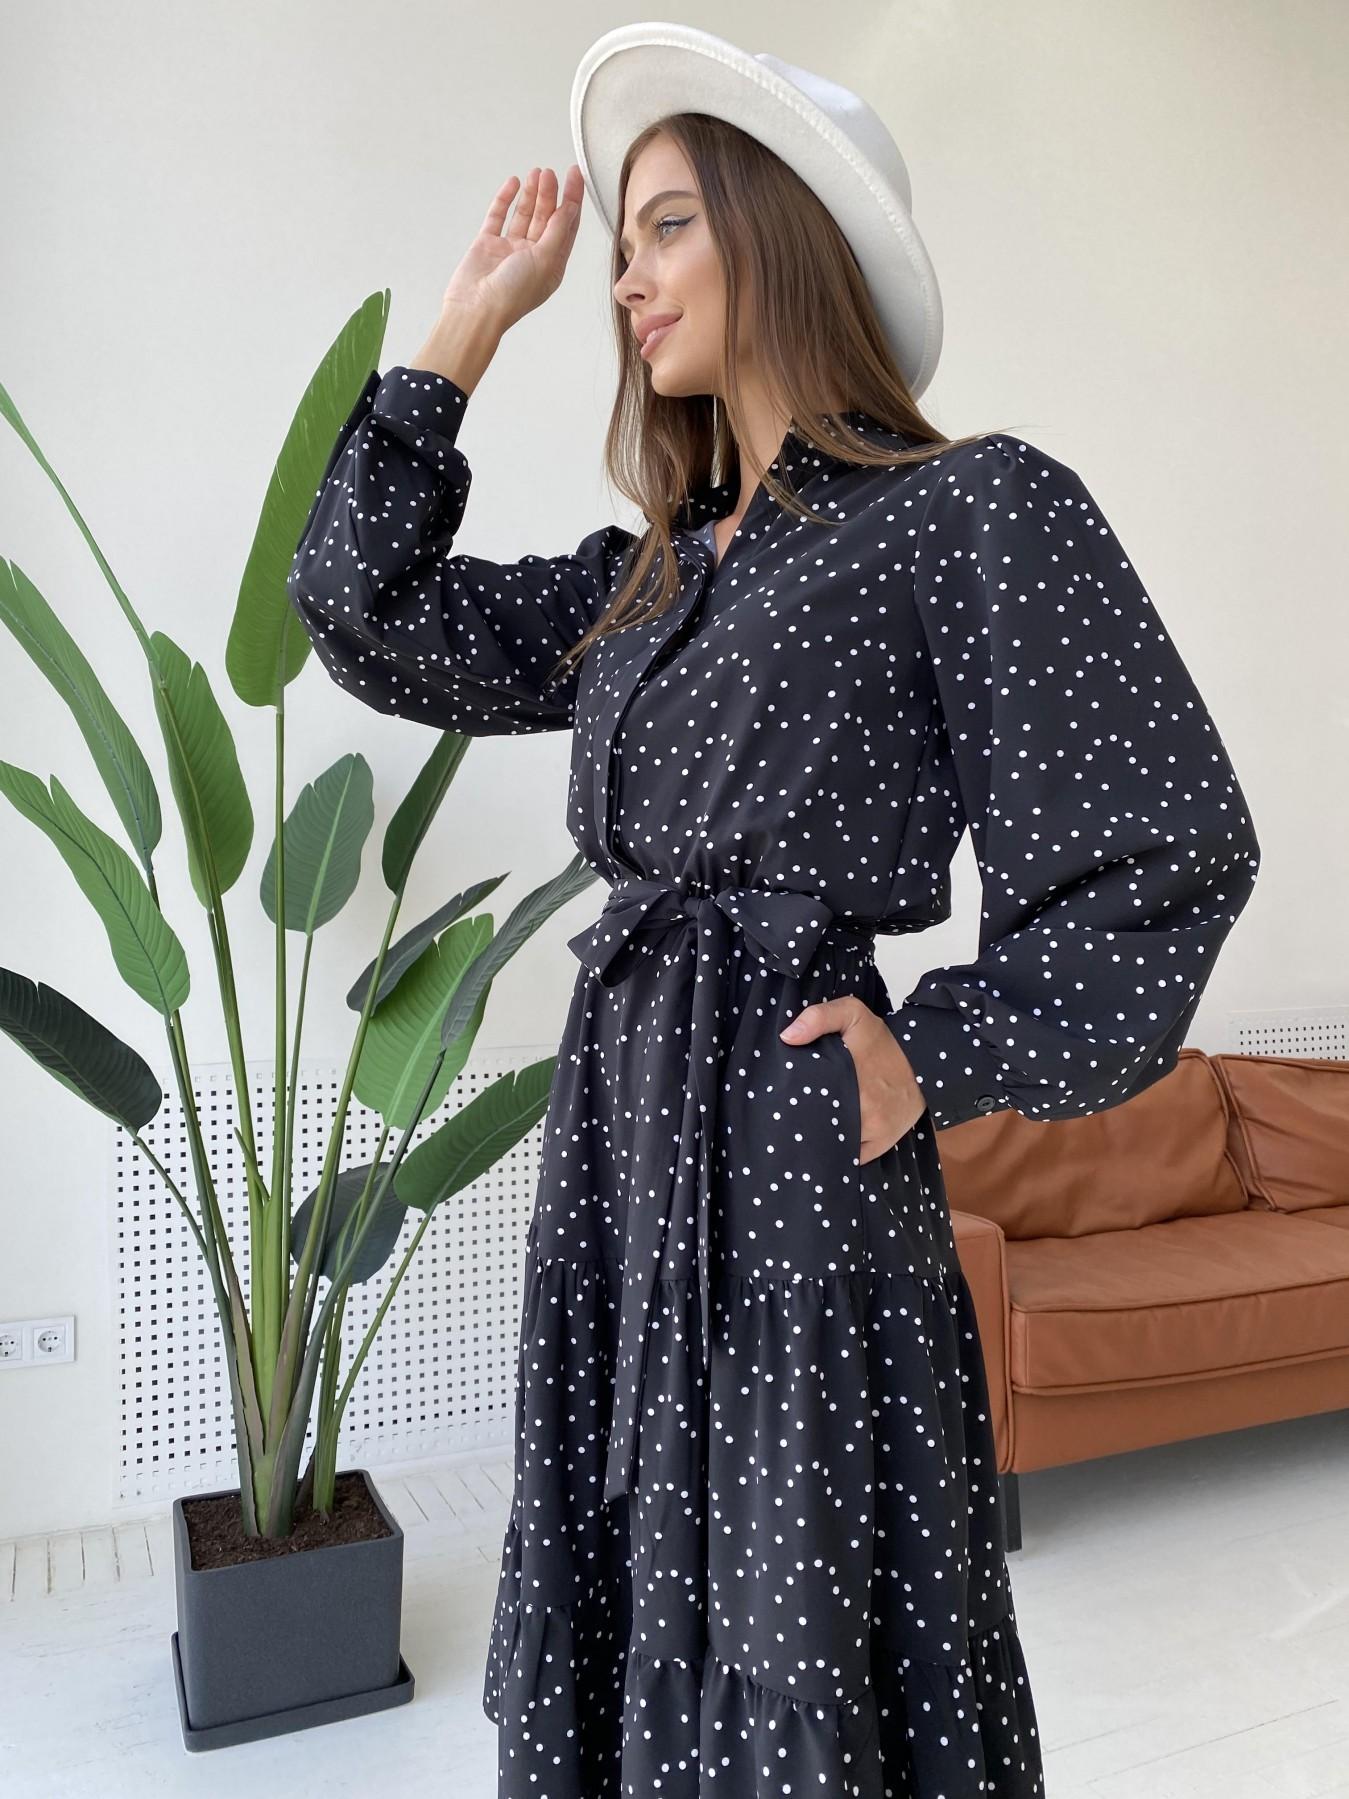 Лилия д/р софт принт стрейч платье 11708 АРТ. 48409 Цвет: Черный/Молоко/ГорохМел - фото 3, интернет магазин tm-modus.ru